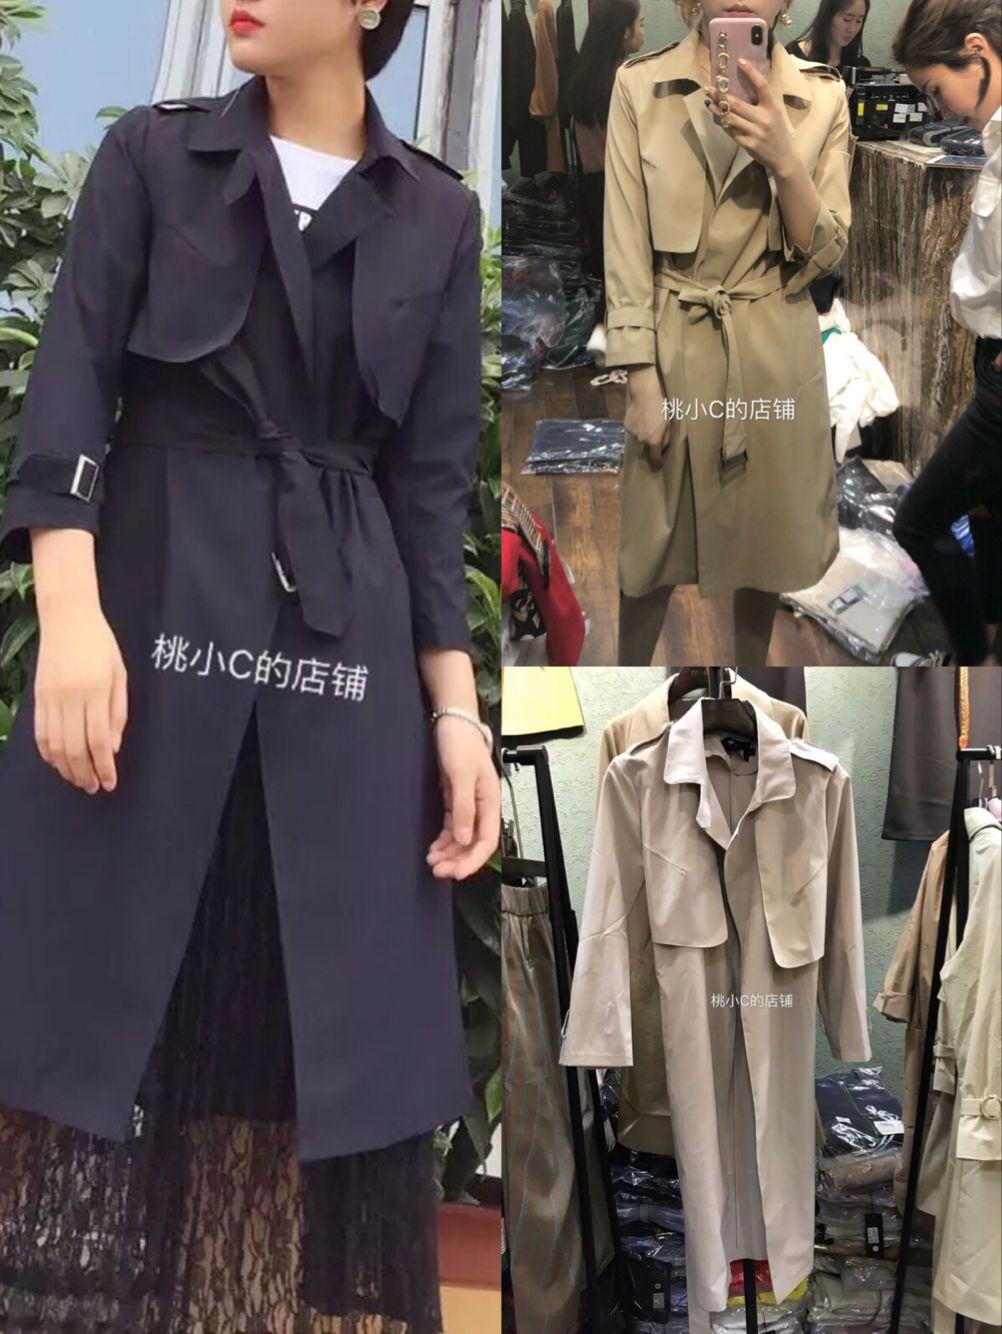 Áo khoác nữ Meidisi MeiDis2018 mùa thu thời trang mới áo gió dài 991712A - Trench Coat